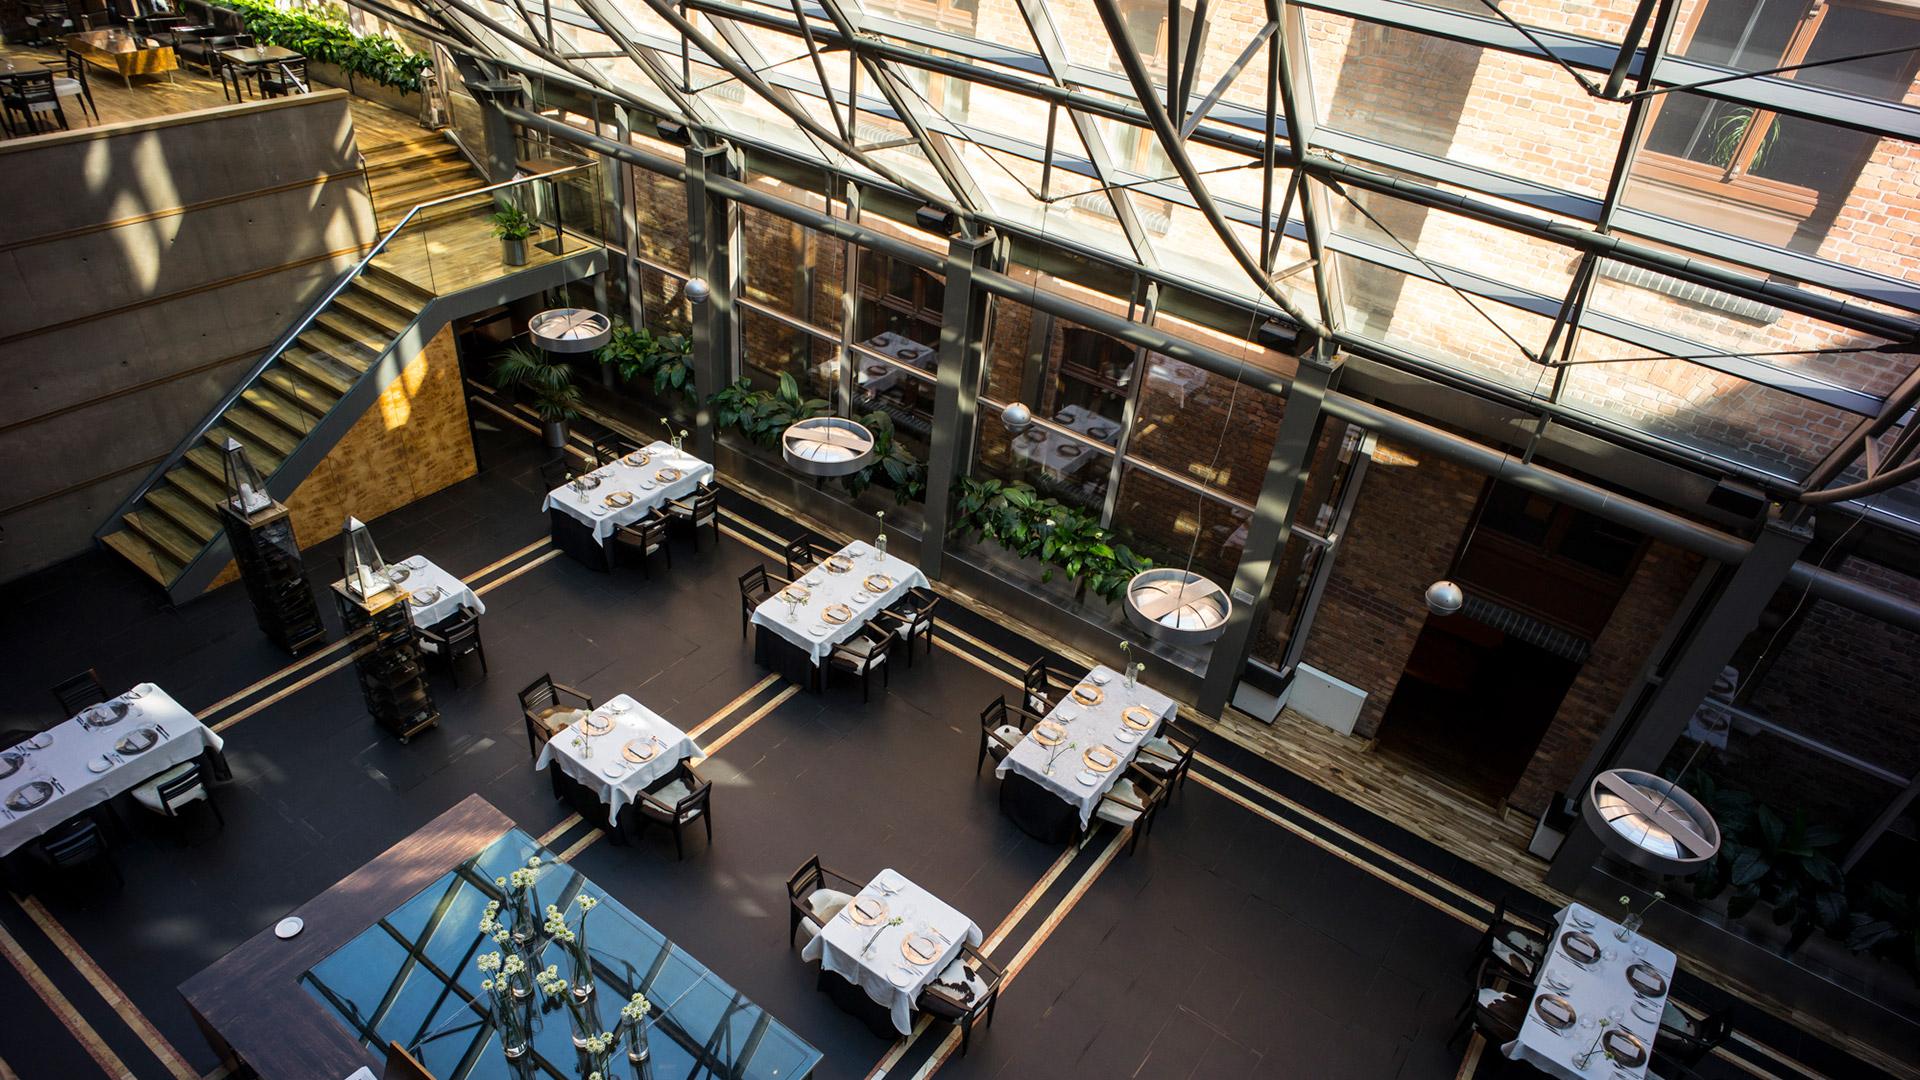 Hotel-warszawa-pieciogwiazkowy-hotel-w-centrum-warszawy-restauracja-szostka